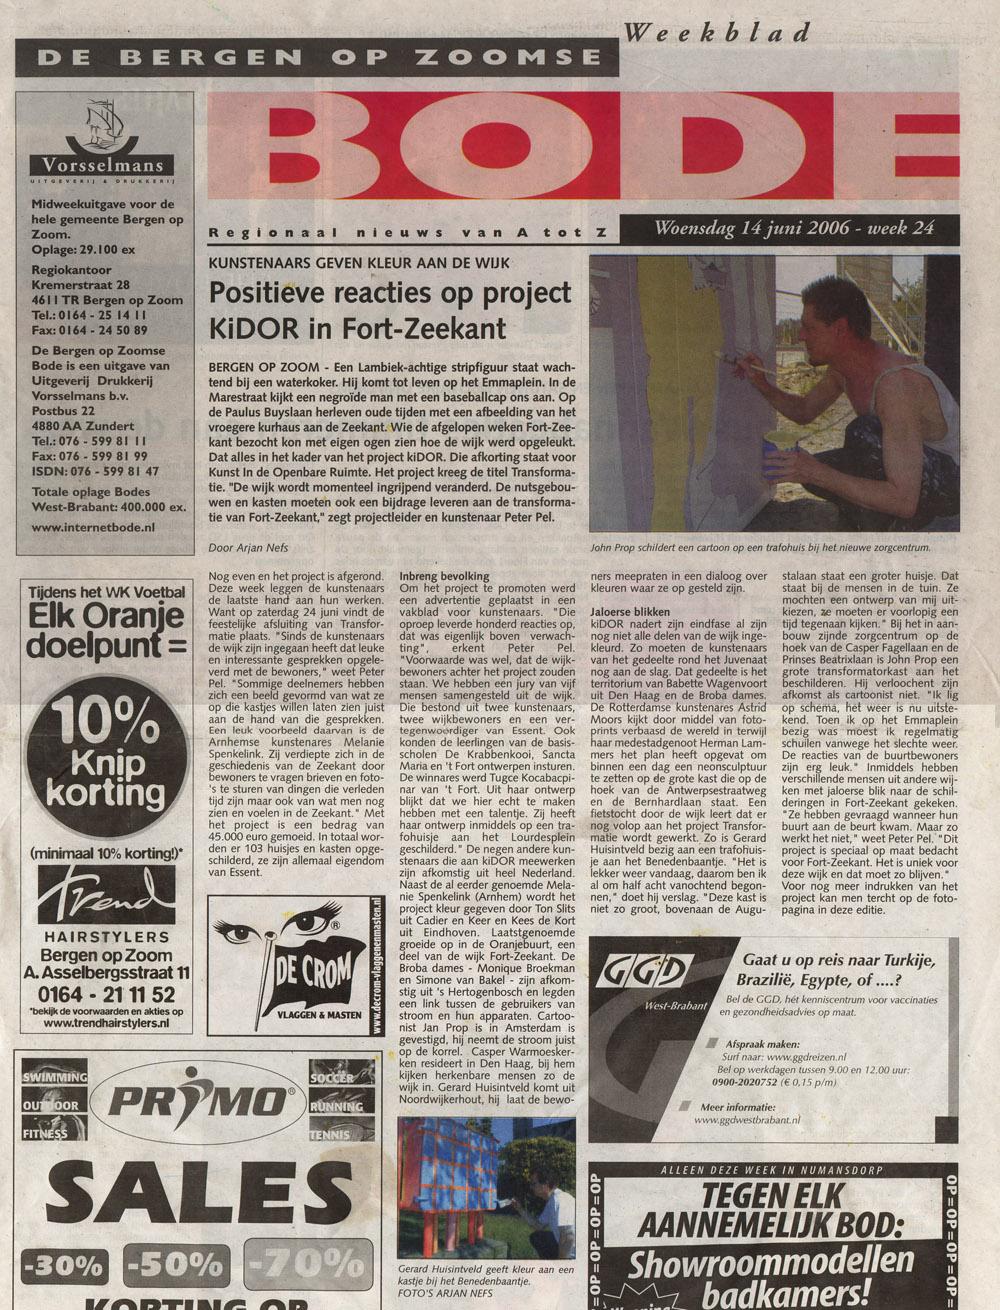 Positieve_reacties_op_project_Kidor_in_FortZeekant_14jun2006_Bode